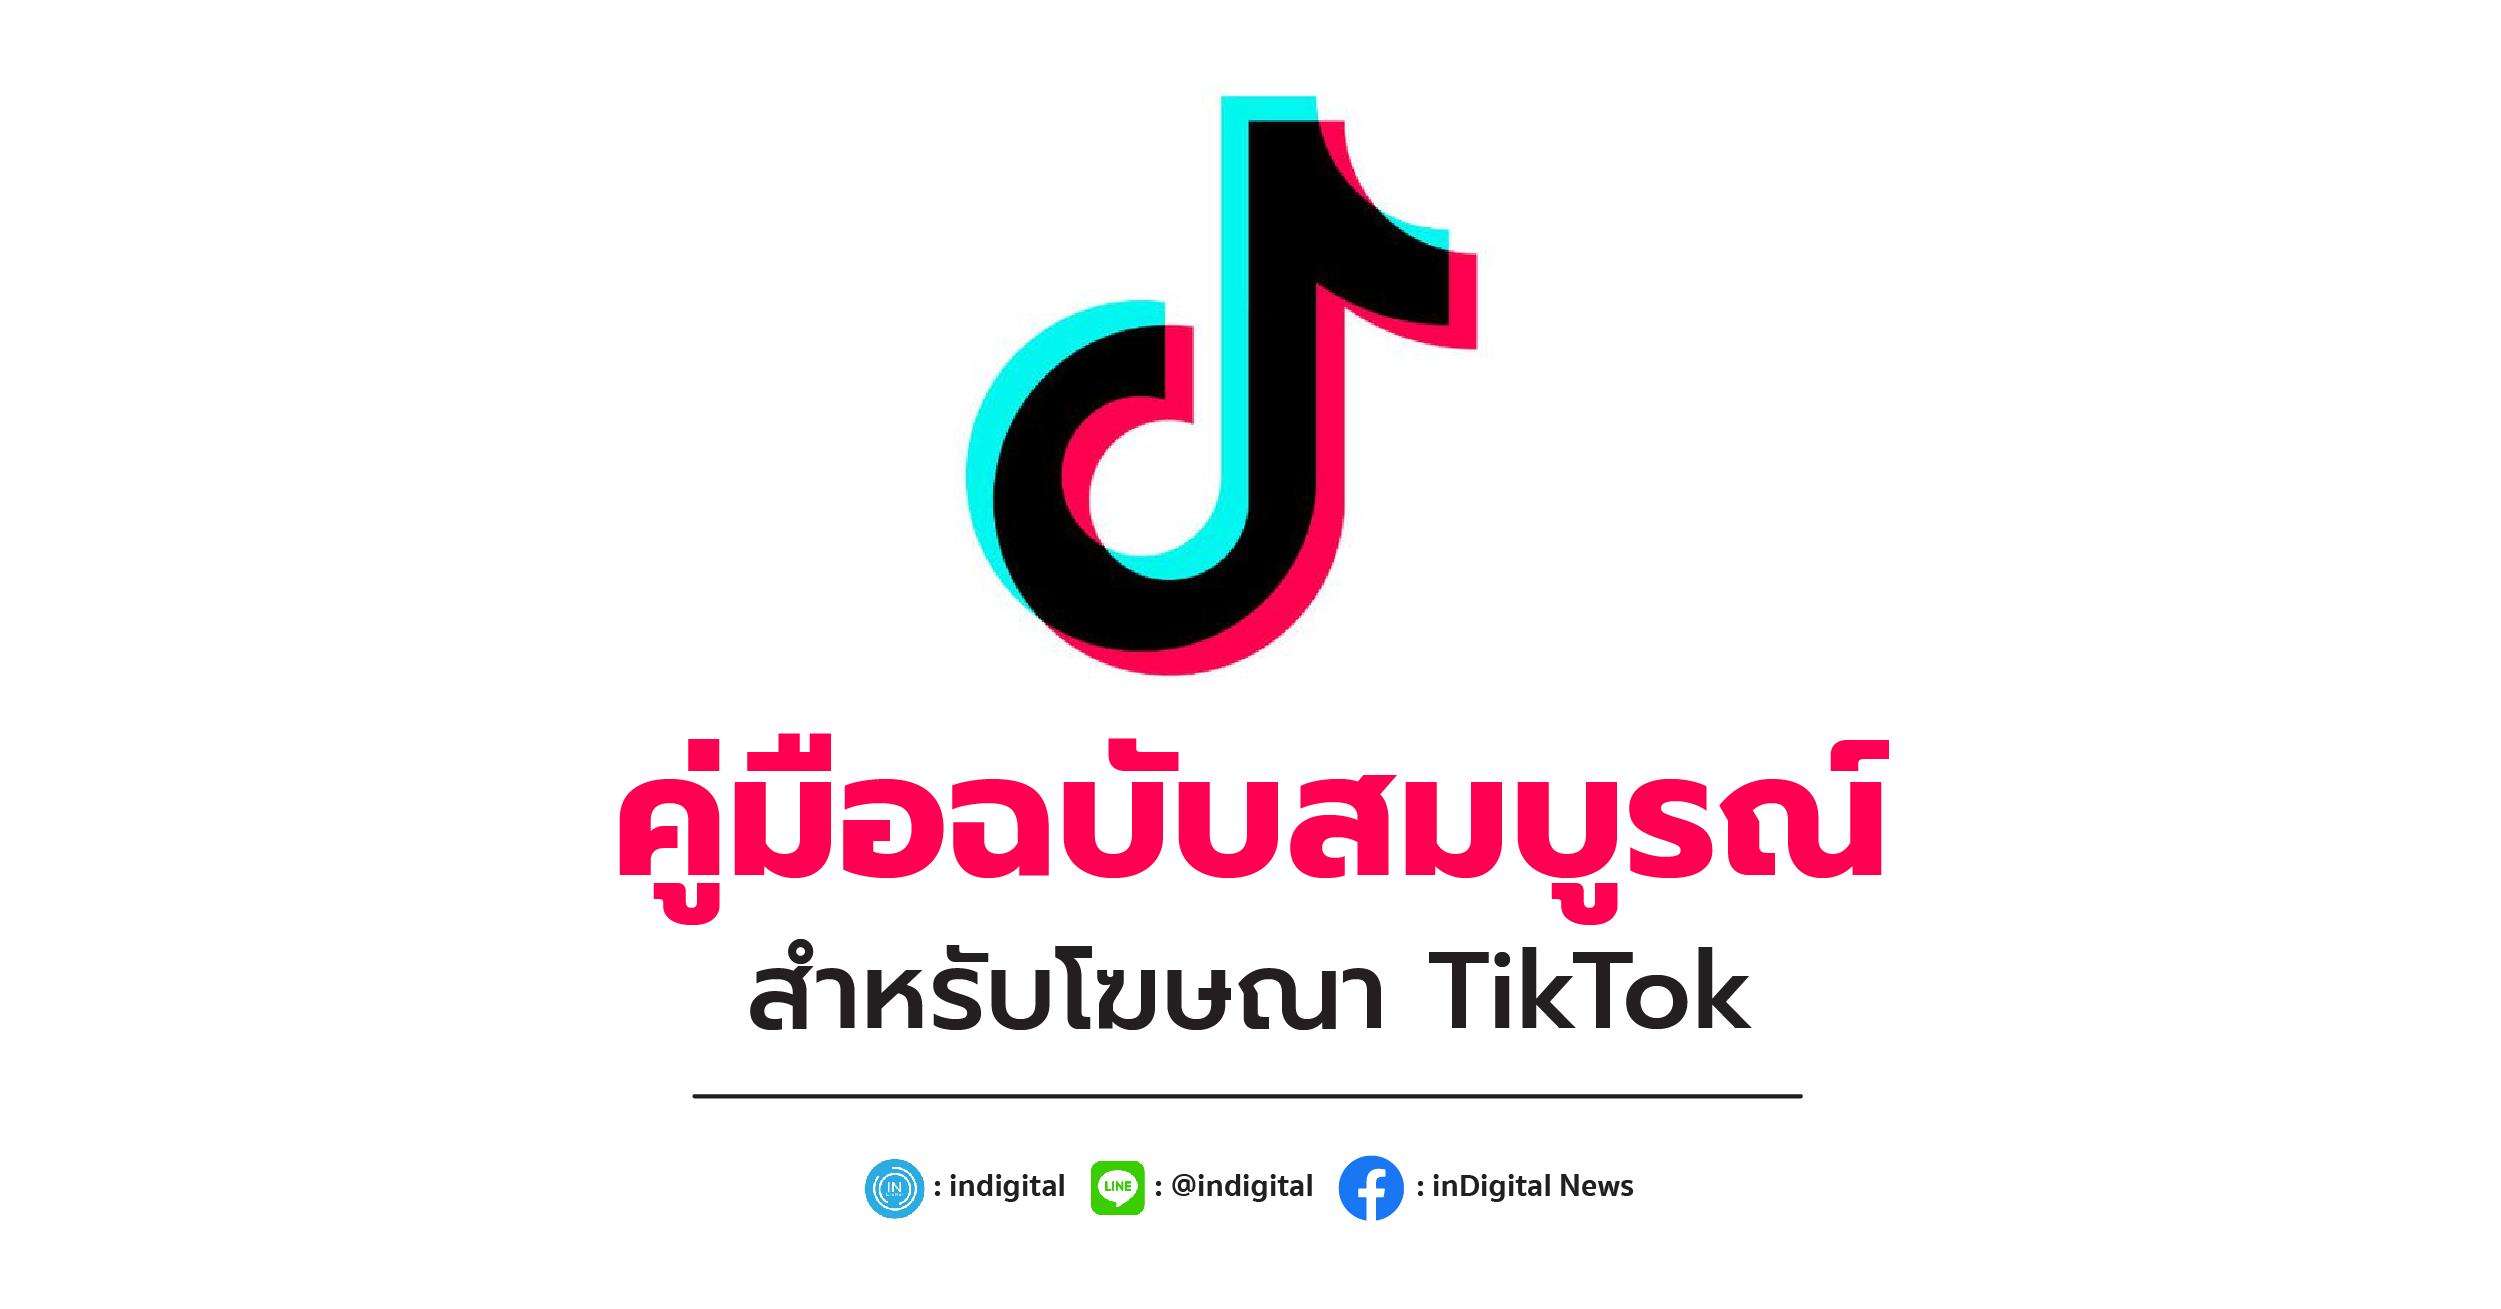 คู่มือฉบับสมบูรณ์สำหรับโฆษณา TikTok